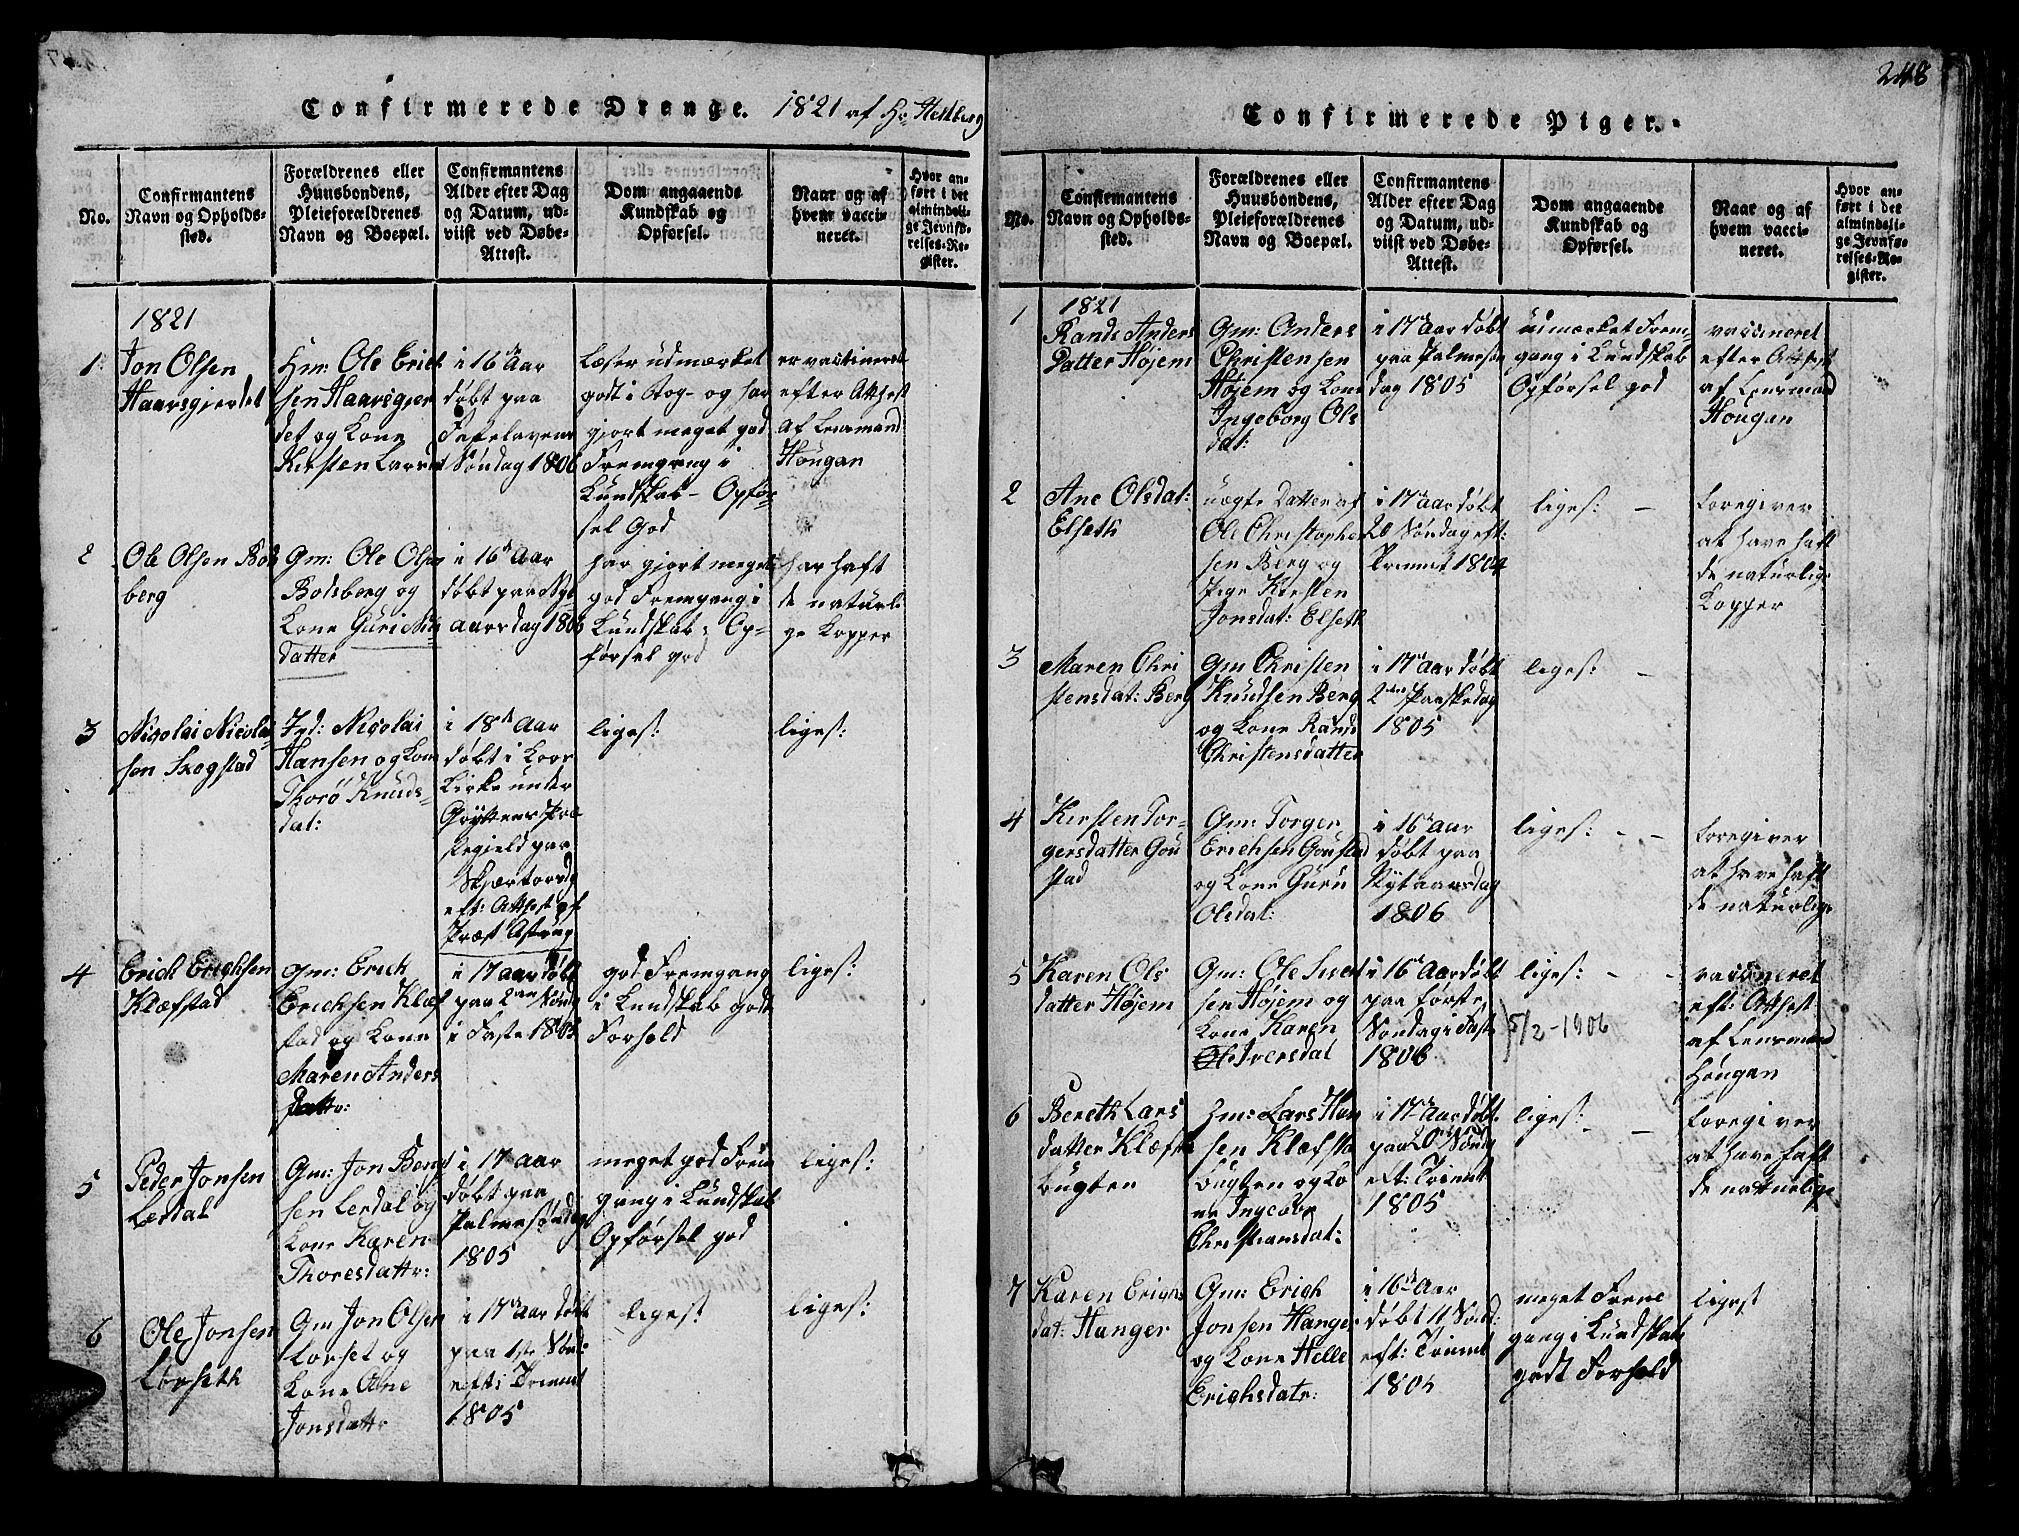 SAT, Ministerialprotokoller, klokkerbøker og fødselsregistre - Sør-Trøndelag, 612/L0385: Klokkerbok nr. 612C01, 1816-1845, s. 248